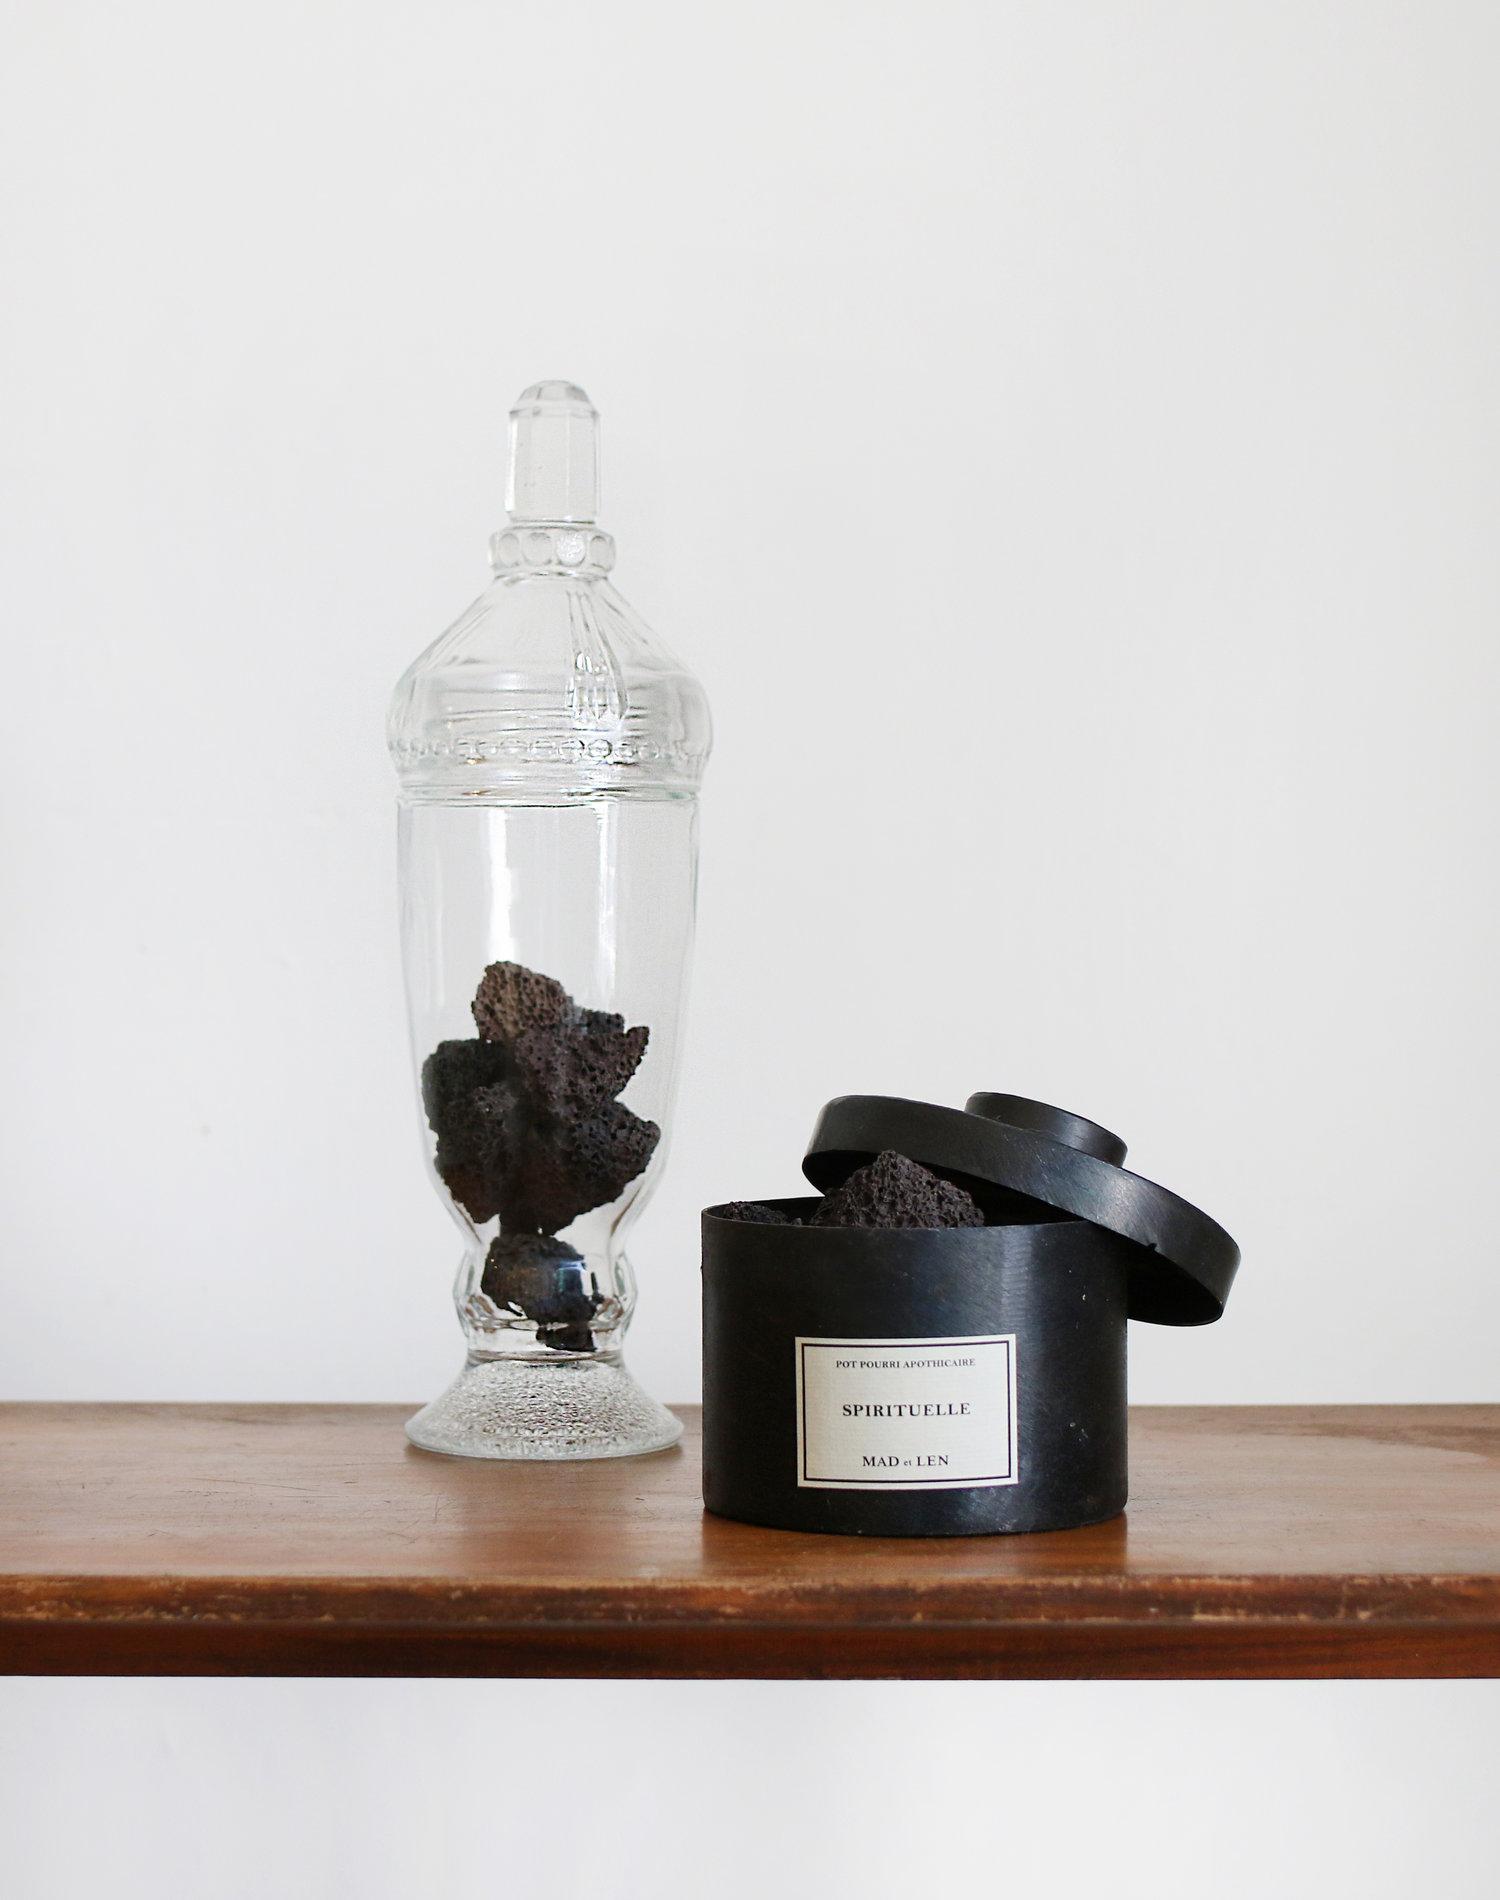 MAD et LEN 黑鐵火山岩擴香 薄荷   打開圓形黑鐵罐的蓋子,宛如碾碎一把薄荷的新鮮香氣立刻撲鼻而來,輕輕搖動著昏沈的靈魂,將一整日的疲憊都驅散了。